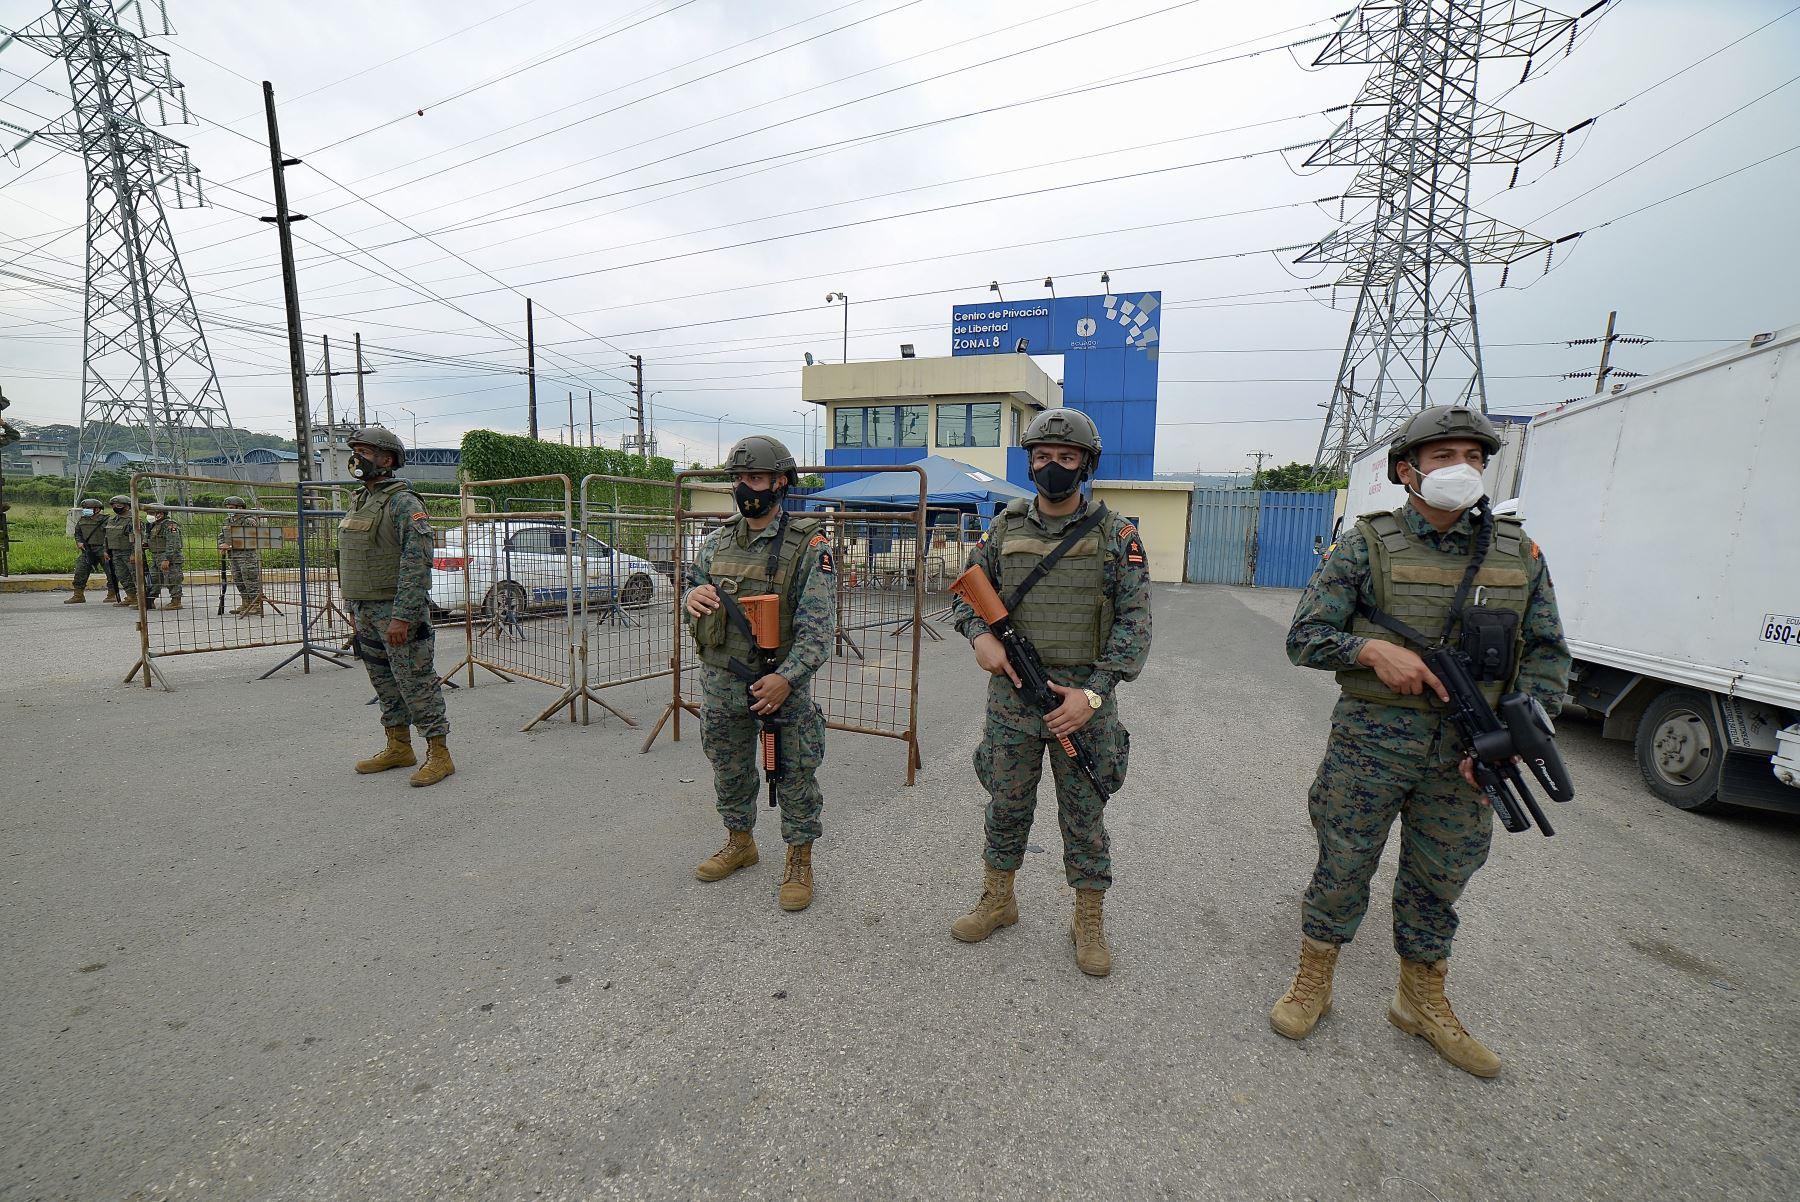 Miembros de la Fuerza Marítima Ecuatoriana custodian el Centro de Privación de Libertad Zona 8 en Guayaquil, Ecuador. Al menos 50 presos murieron en disturbios en tres cárceles en Ecuador. Foto: AFP